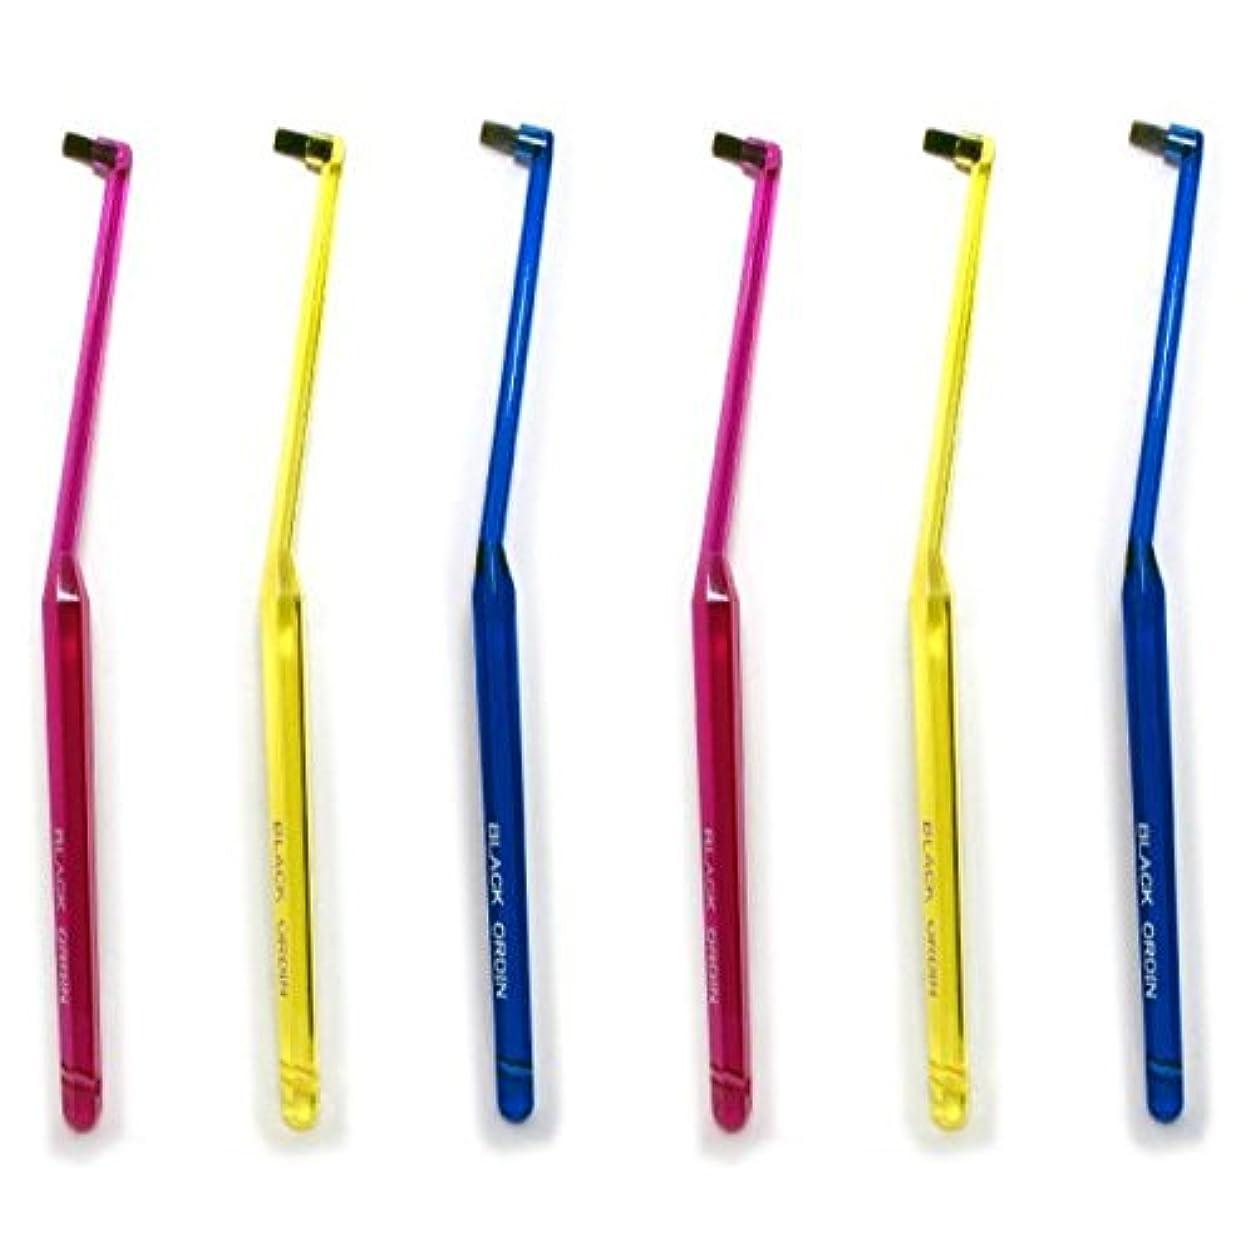 かりて刺すズームワンタフトブラシ ブラックオーディン ワンタフト×6本セット 部分用歯ブラシ 歯磨き 歯ブラシ